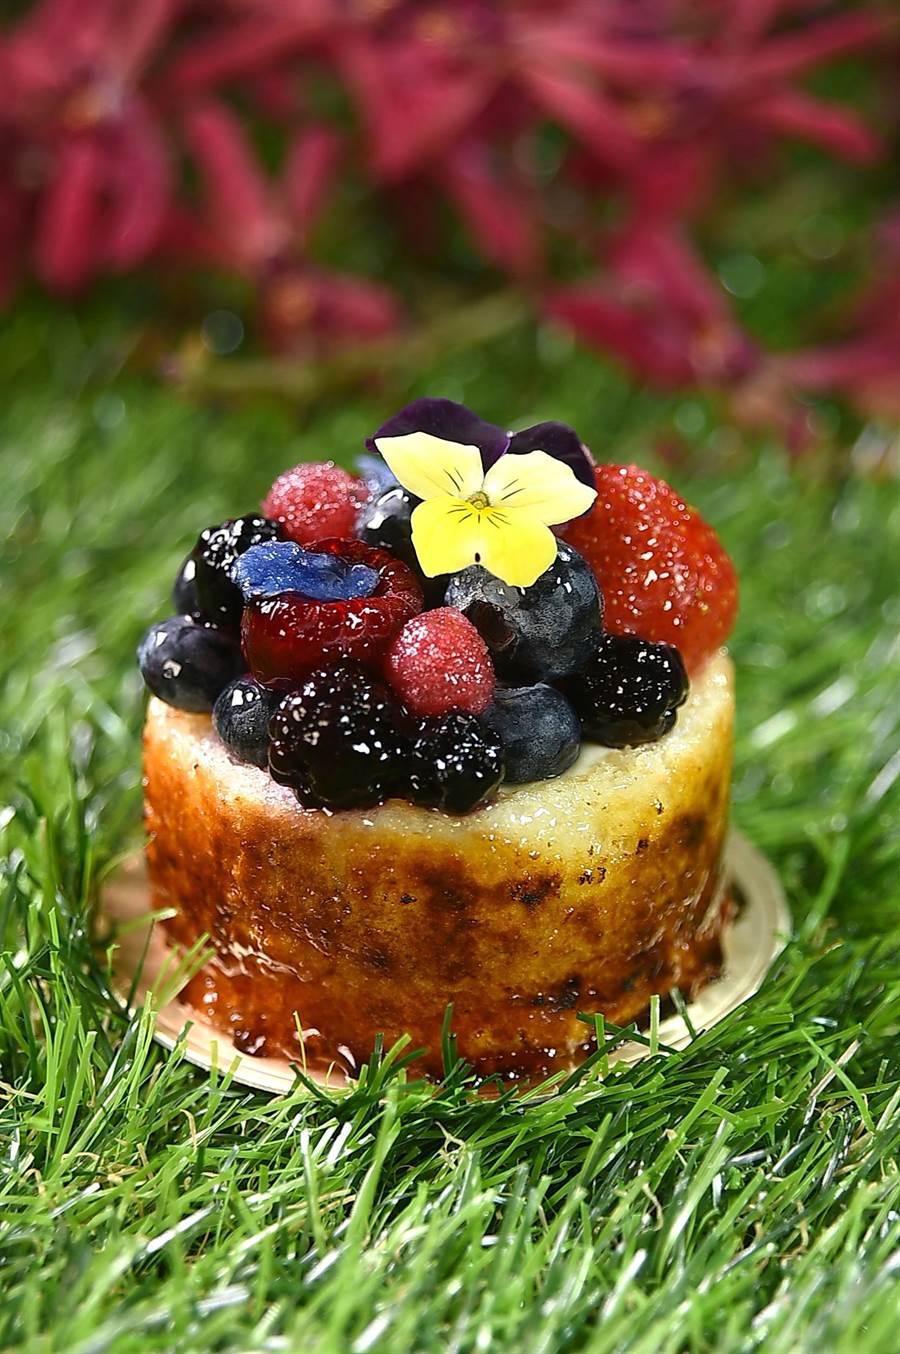 〈感官花園〉的原形是以外層苦甜焦糖的杏仁蛋糕為主體,包裹紫羅蘭慕斯和黑醋糖漿作餡,最上層舖滿著繽紛的莓果和食用花卉,形色味皆魅人。(圖/姚舜)